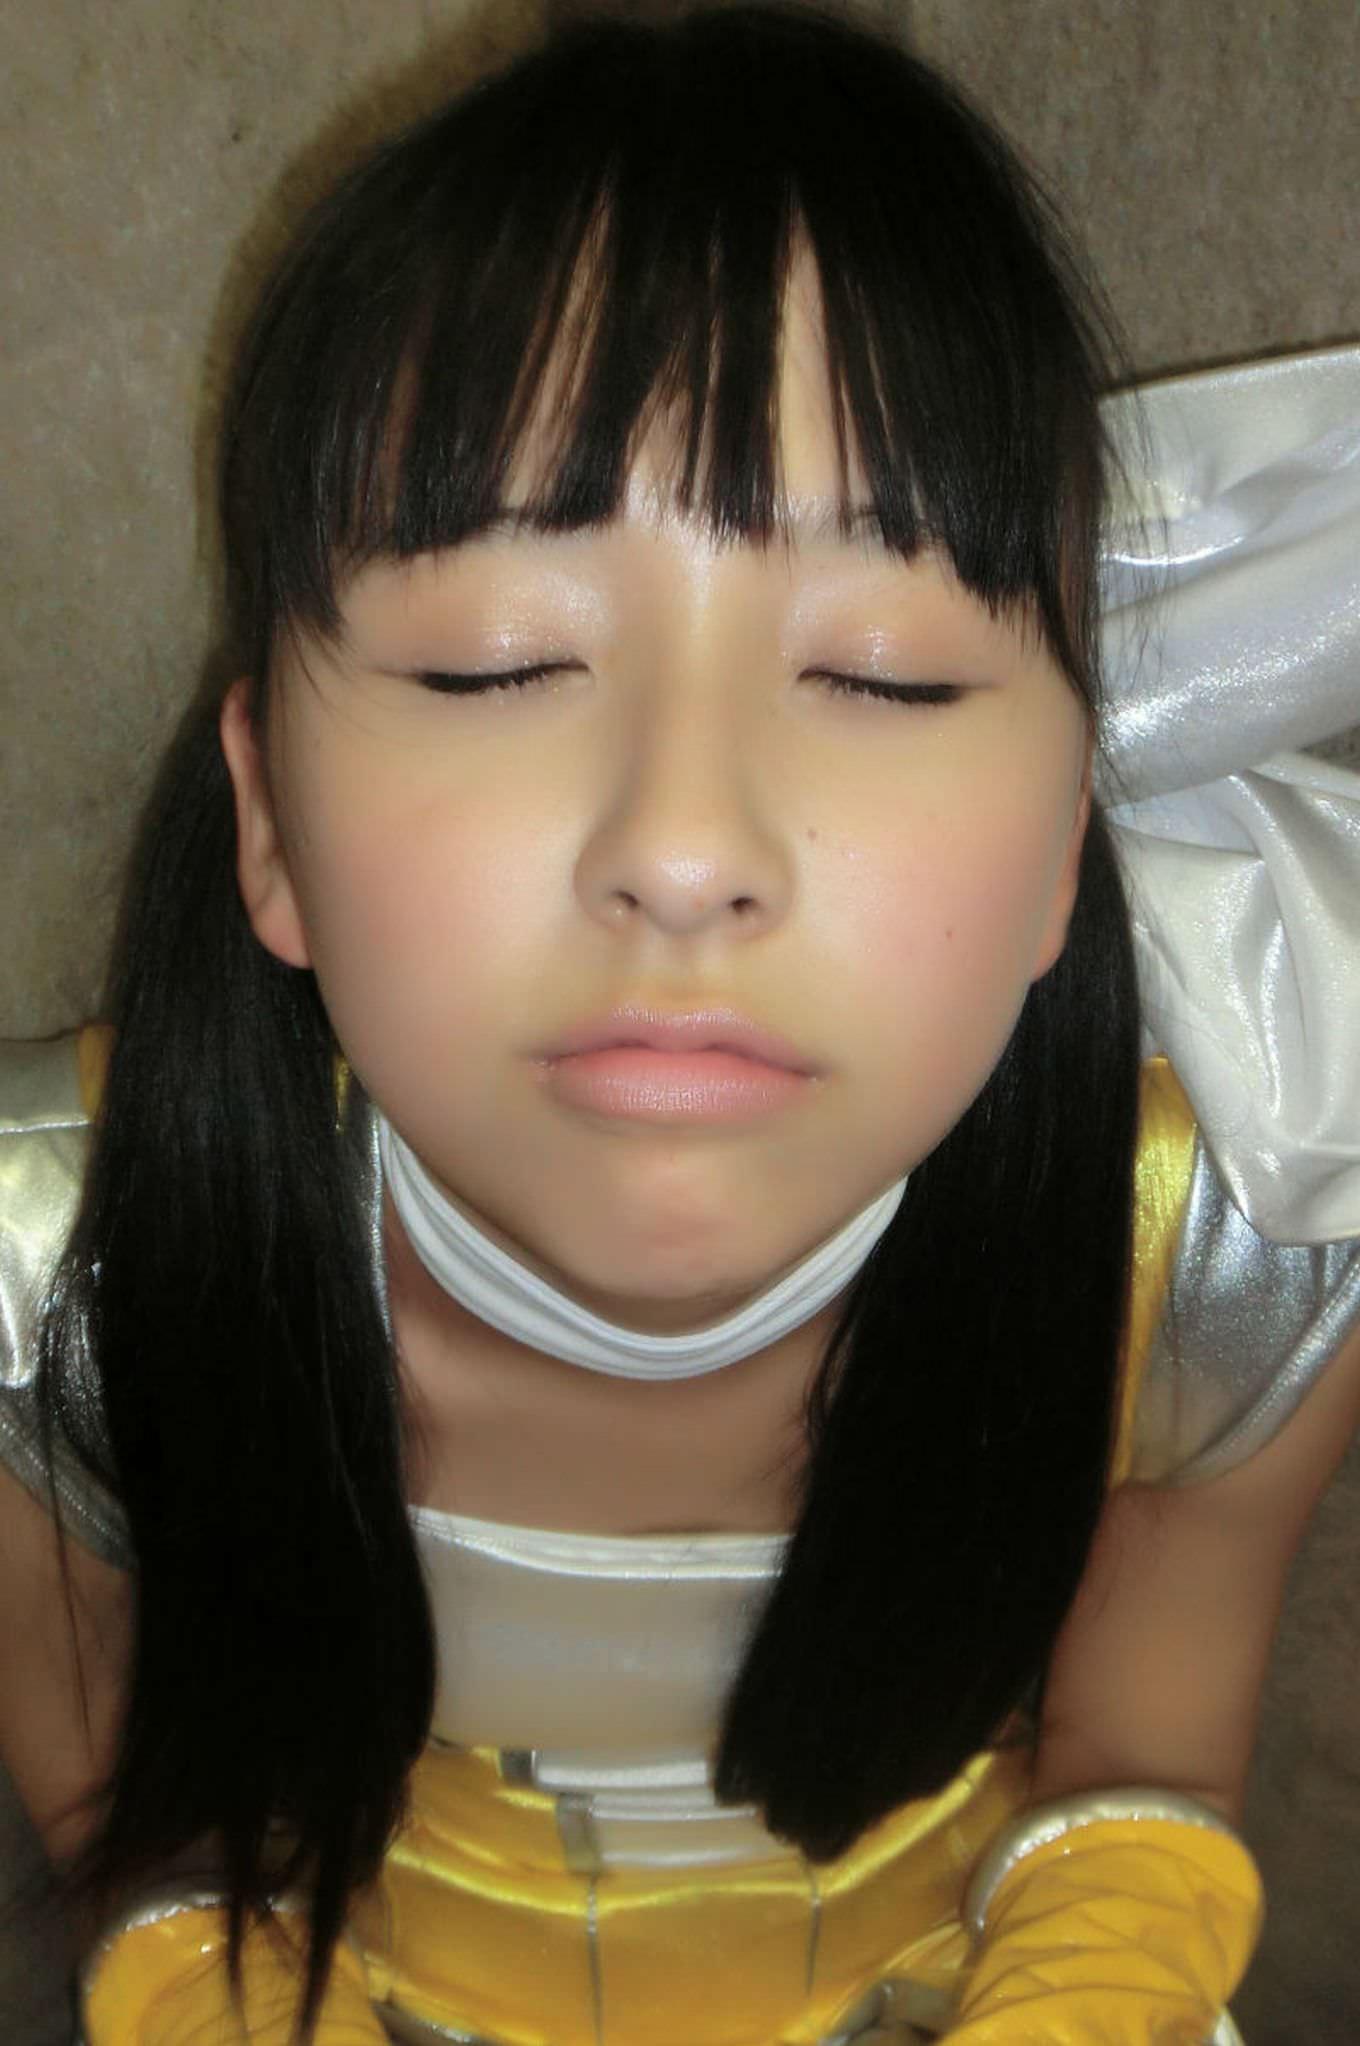 アイドルのキス顔 4